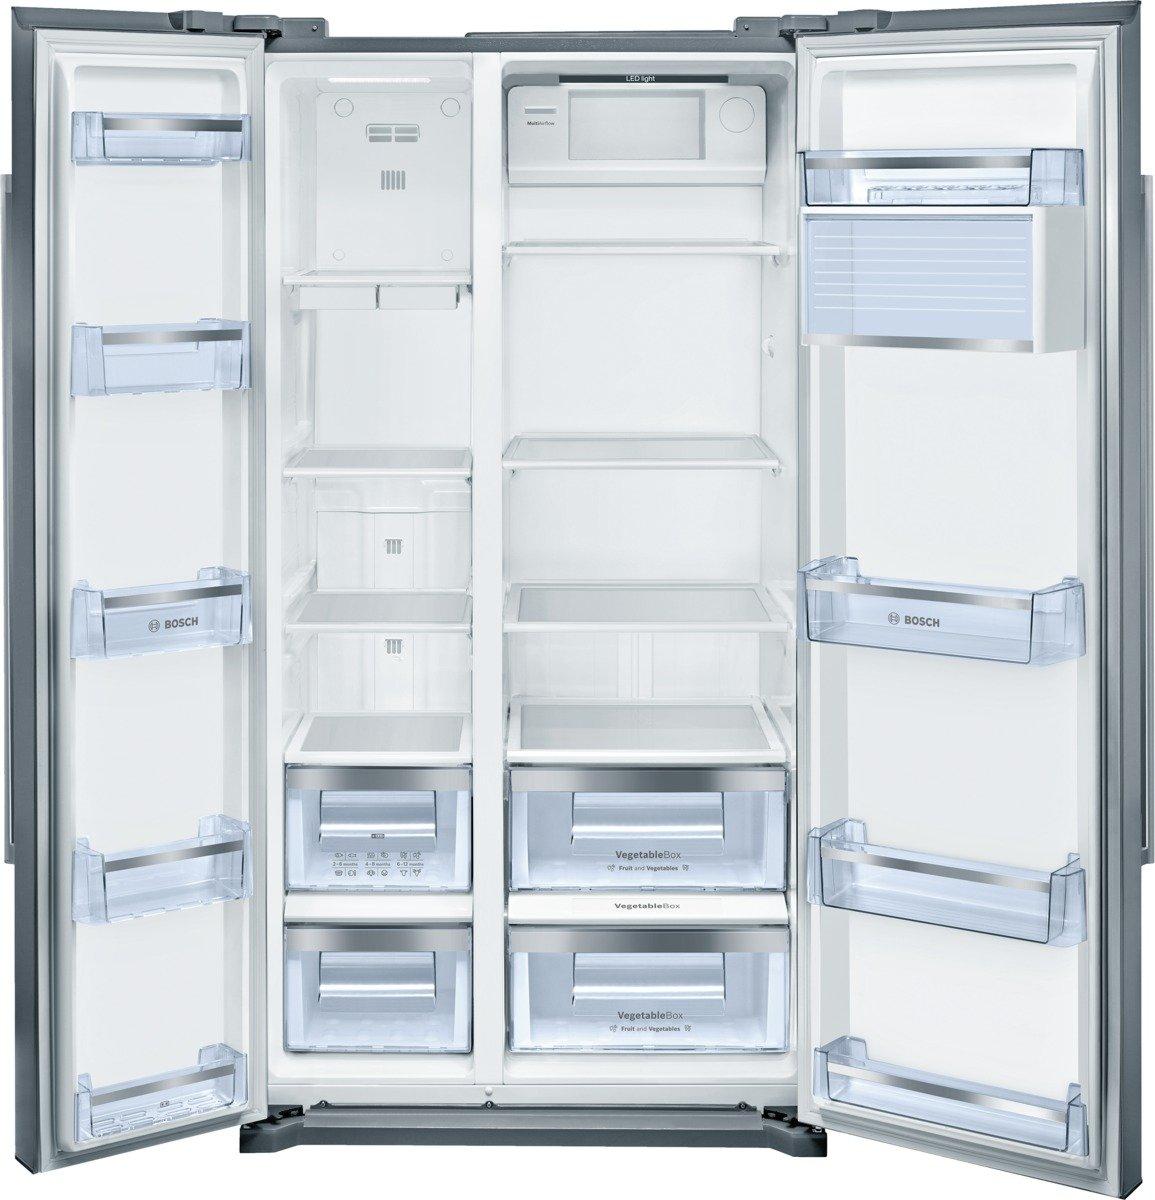 Bosch KAN90VI20 Frigo-Congelatore (Libera installazione, Porta americana, A+, SN, N, ST, T), Acciaio inossidabile